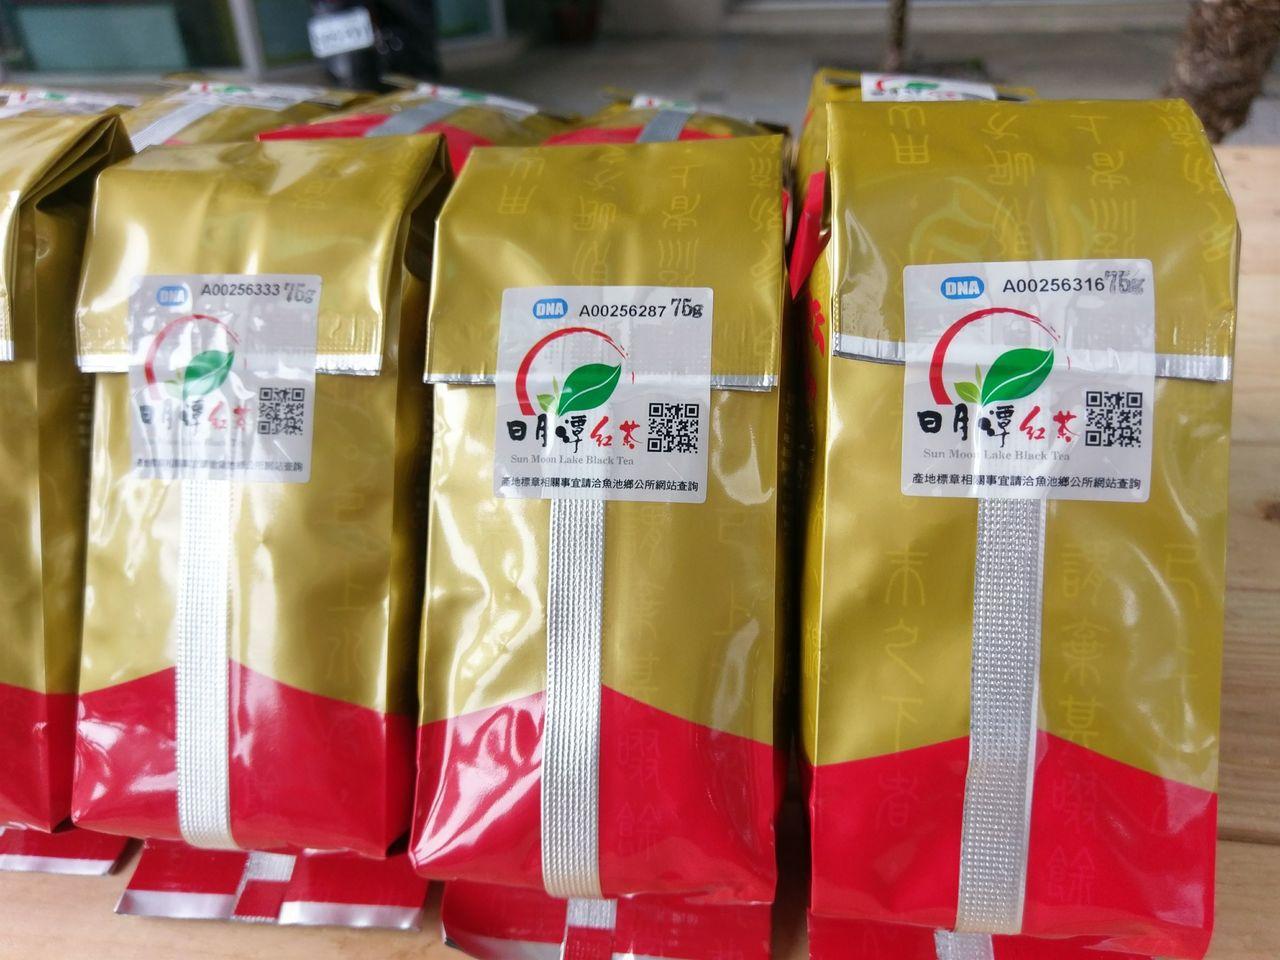 南投縣魚池鄉紅茶今年在產地標章加上QR code,用手機掃條碼就能查產地資訊,記...